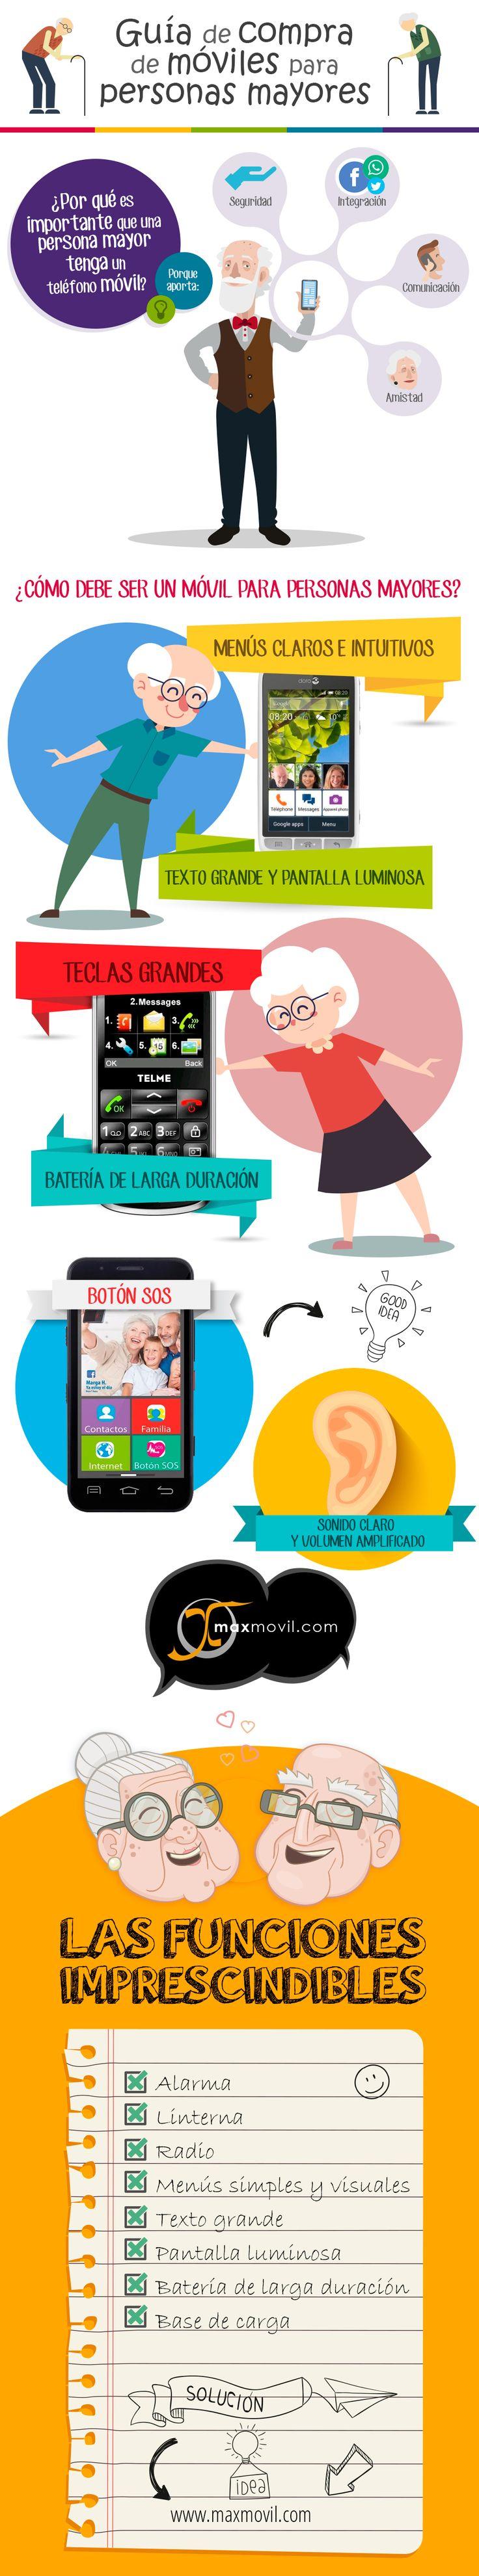 Hola: Una infografía sobreTeléfonos móviles para personas mayores. Vía MaxMovil Un saludo